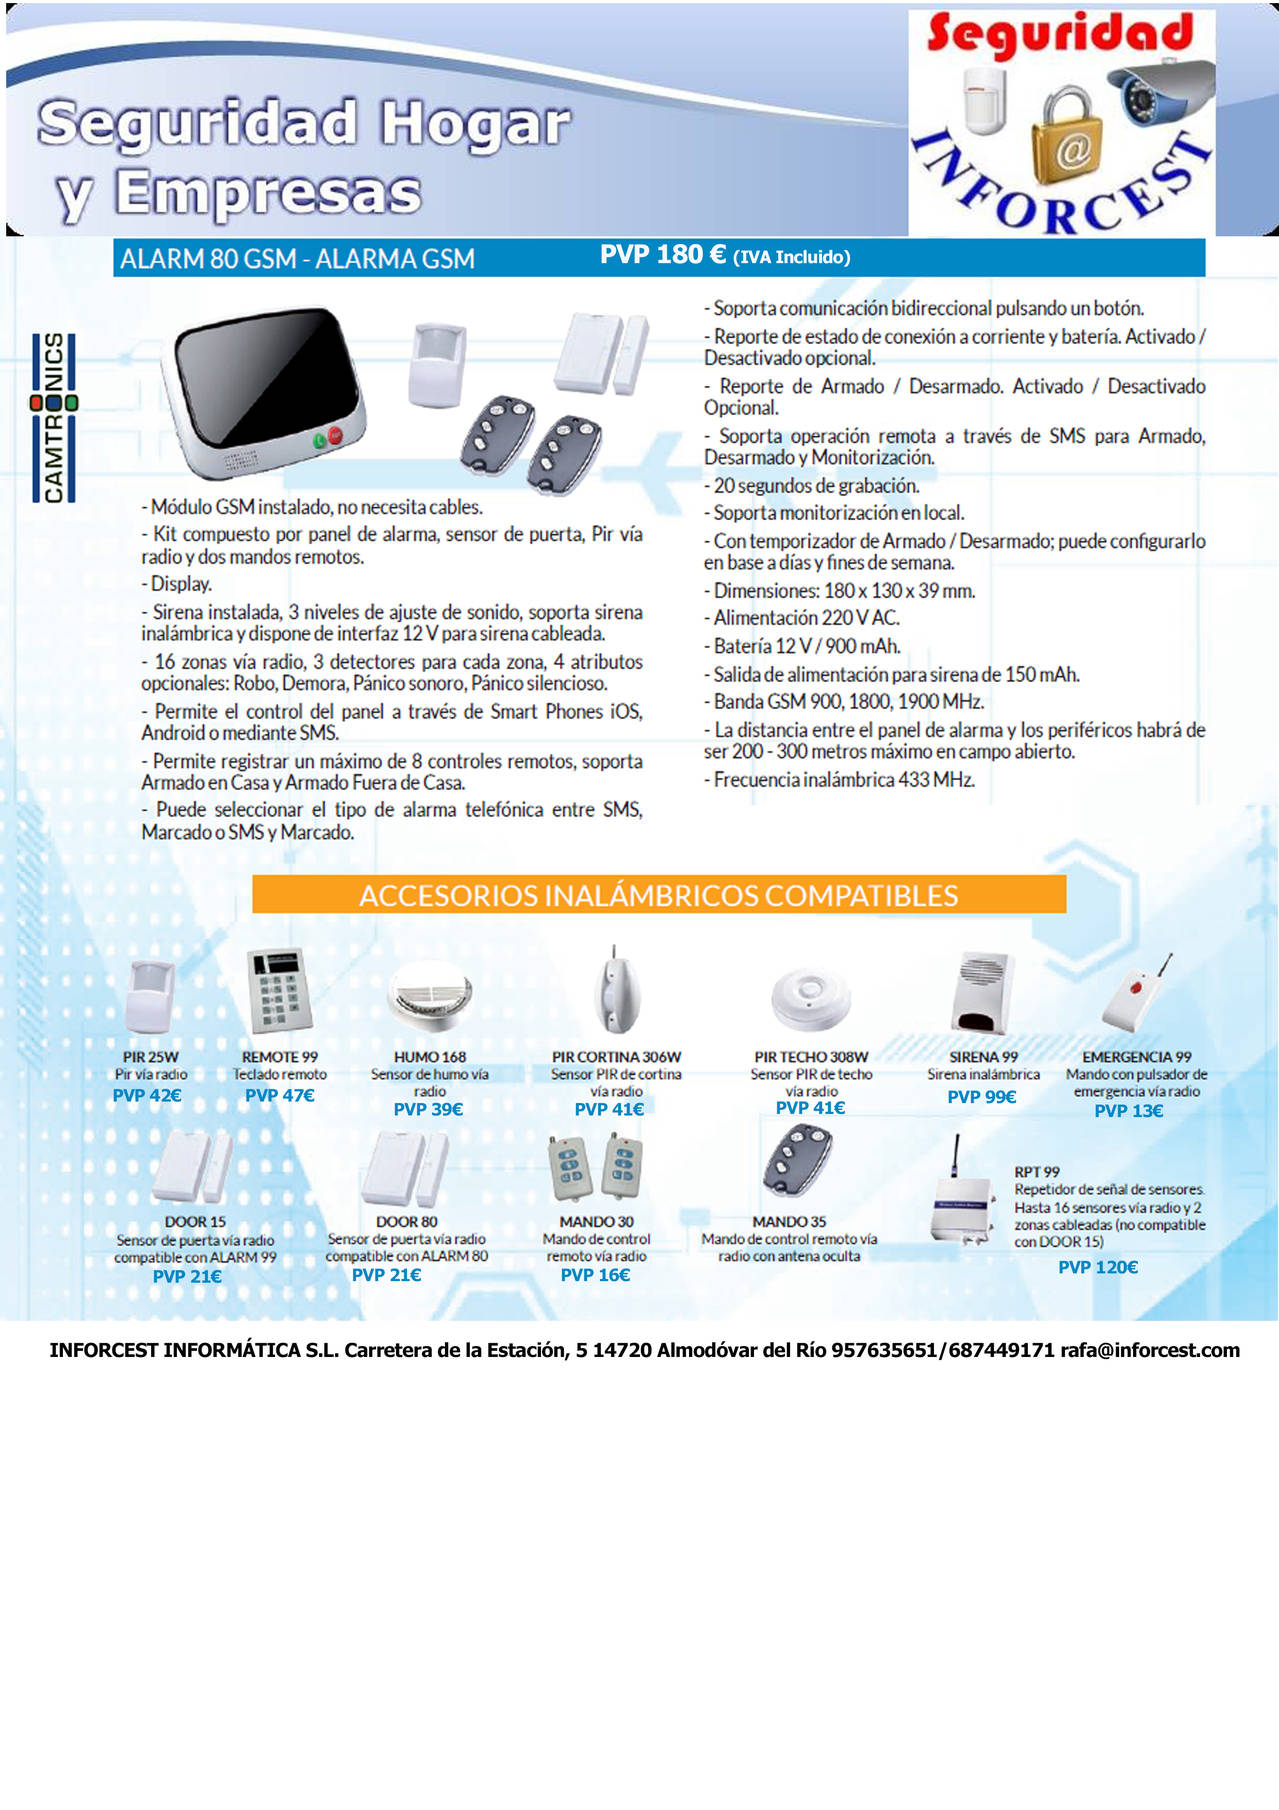 ALARM80GSM - Alarma GSM